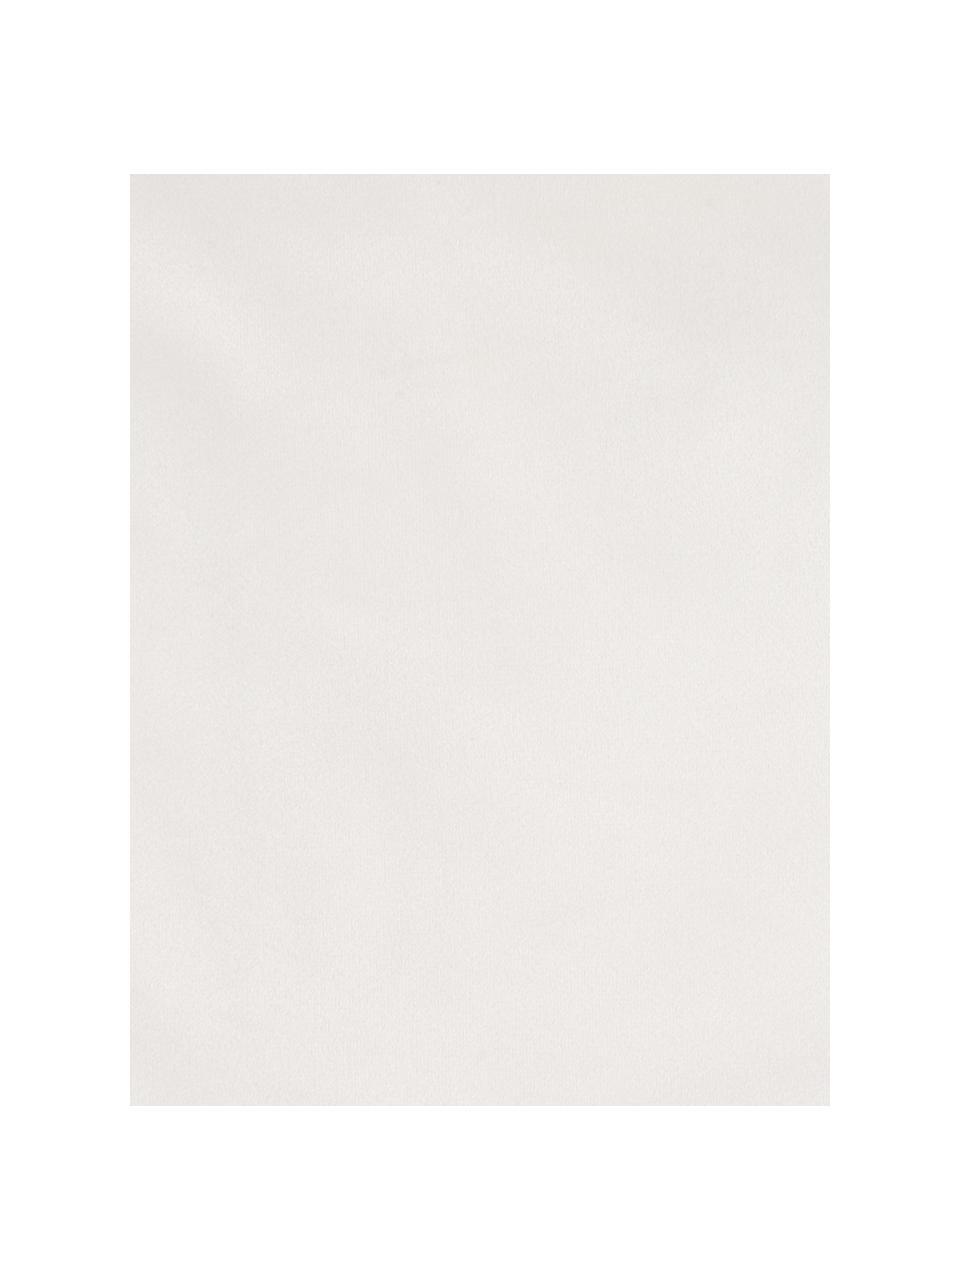 Bestickte Samt-Kissenhülle Giro in Creme/Gold, 100% Polyestersamt, Cremeweiß, Goldfarben, 40 x 40 cm